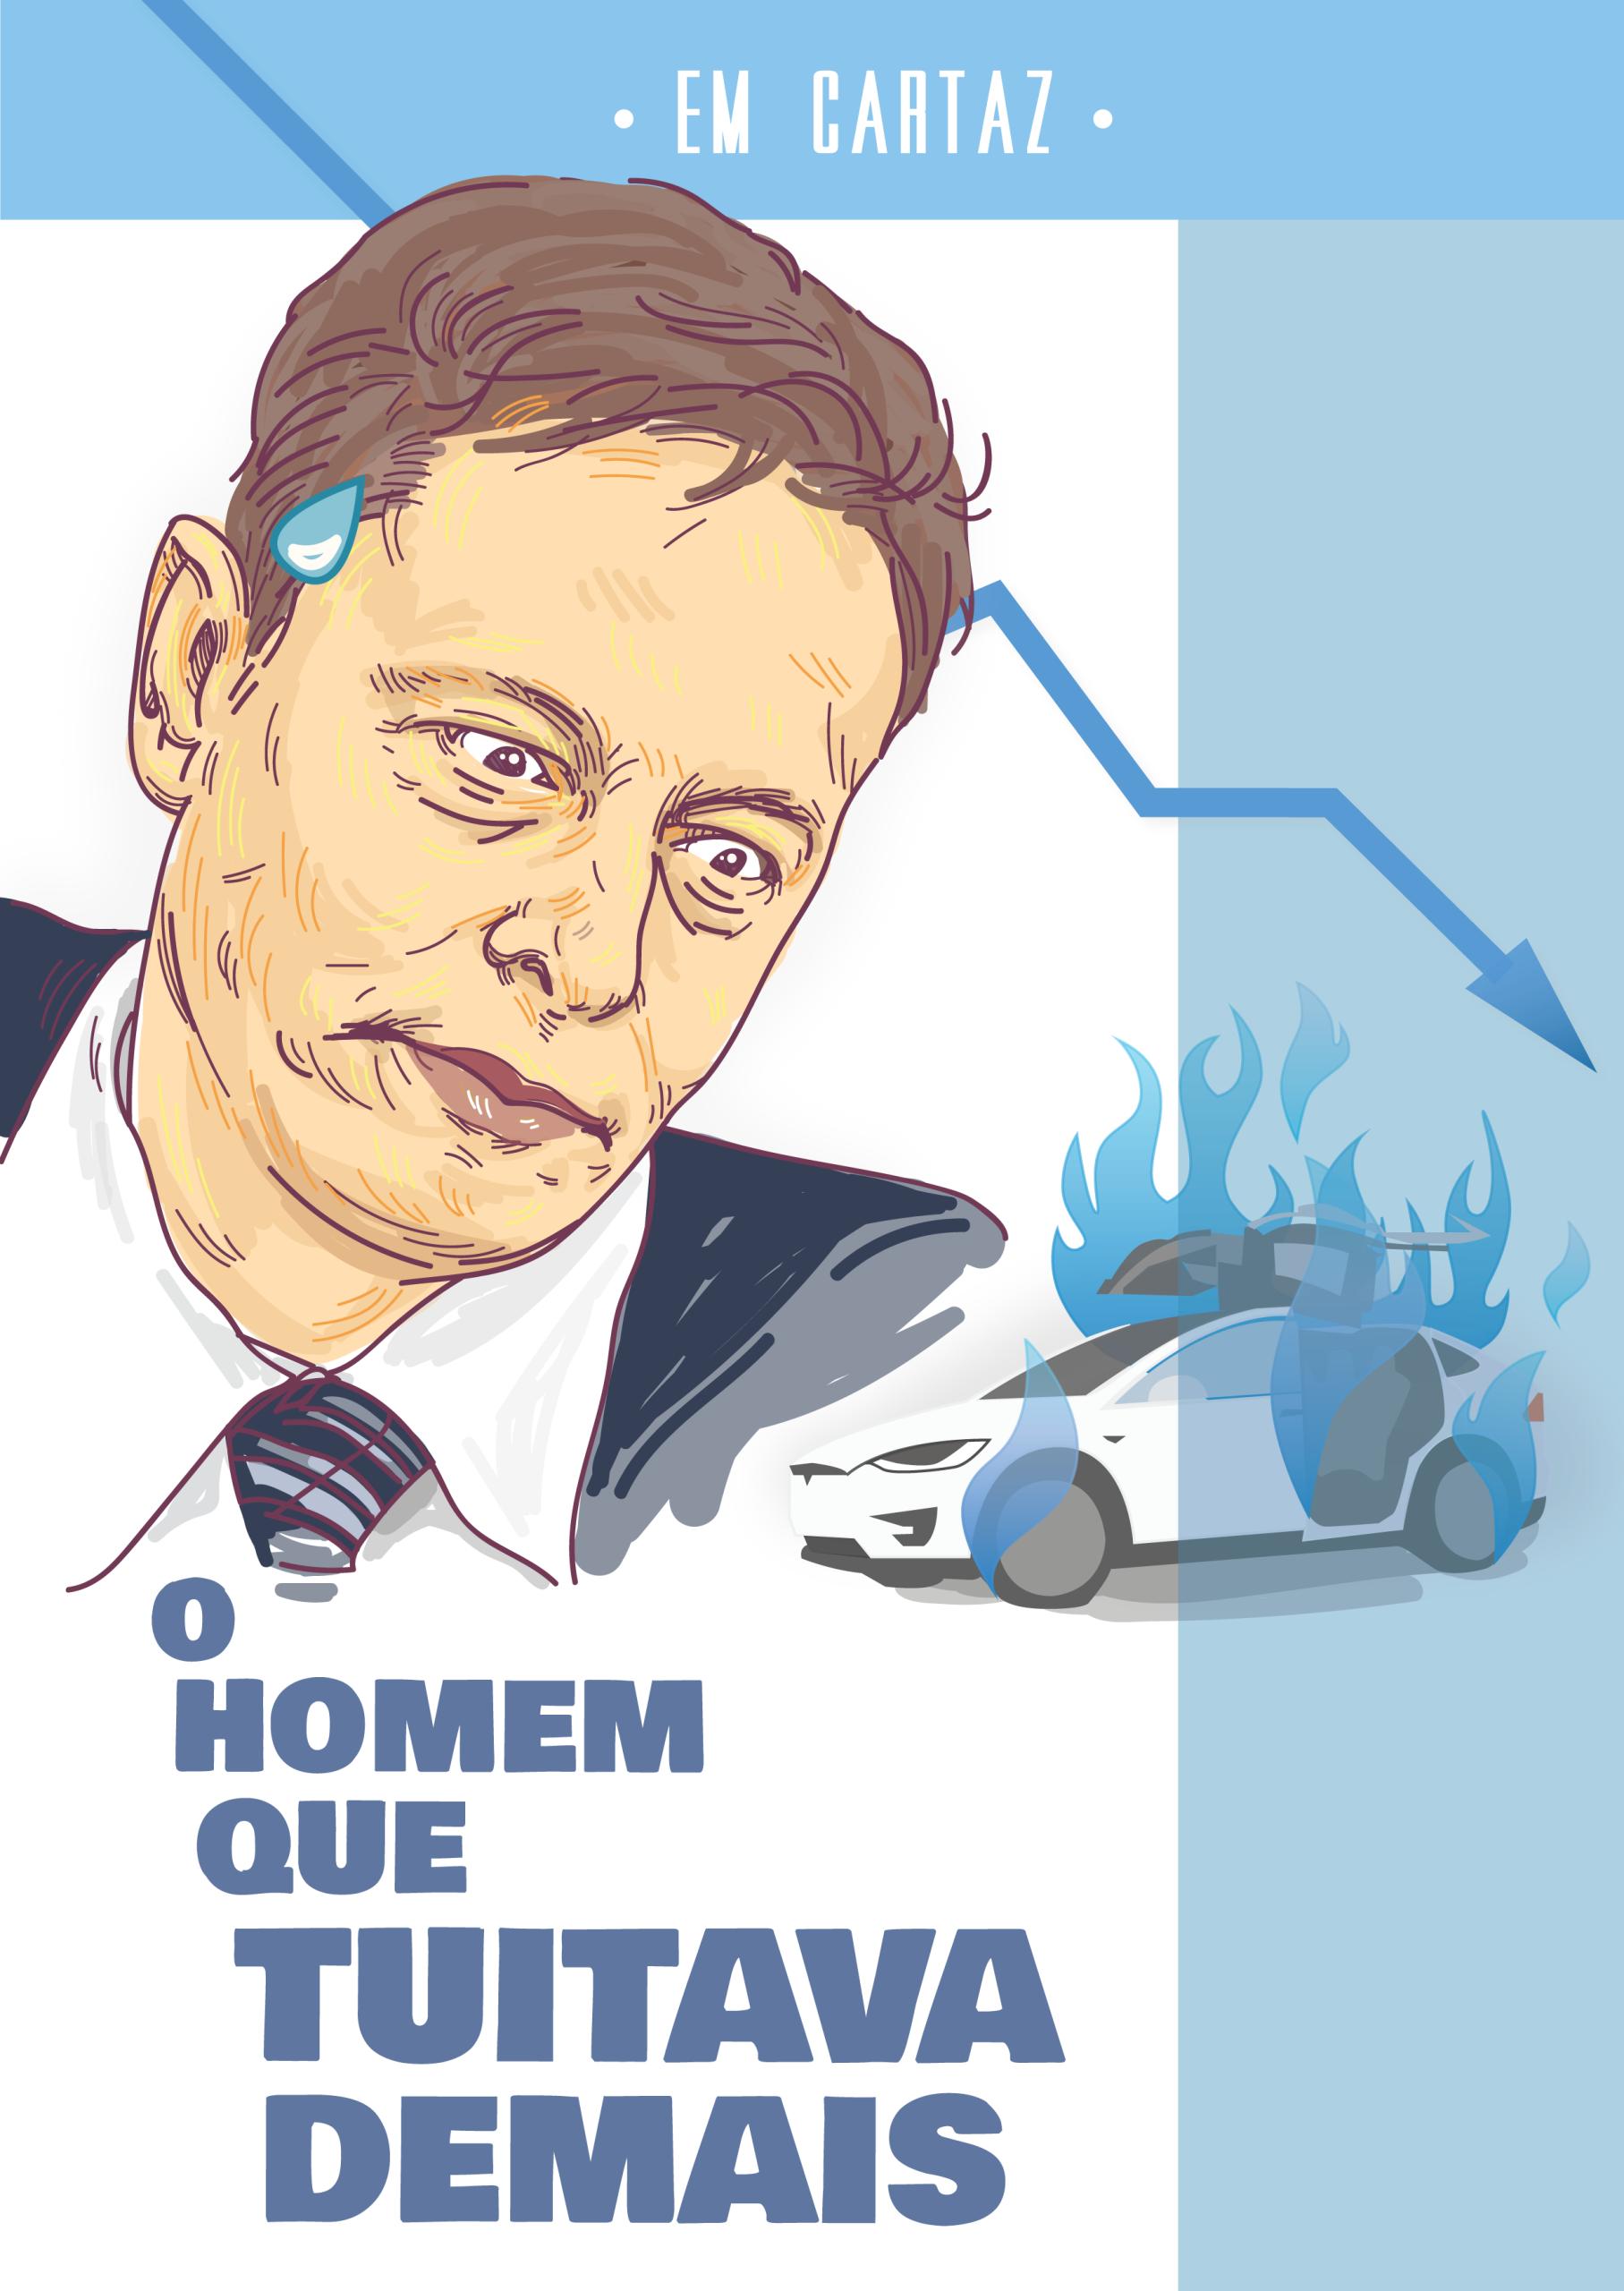 """Ilustração de Elon Musk com expressão tensa ao lado de um carro Tesla pegando fogo. Na imagem, está escrito """"Em cartaz: o homem que tuitava demais"""""""